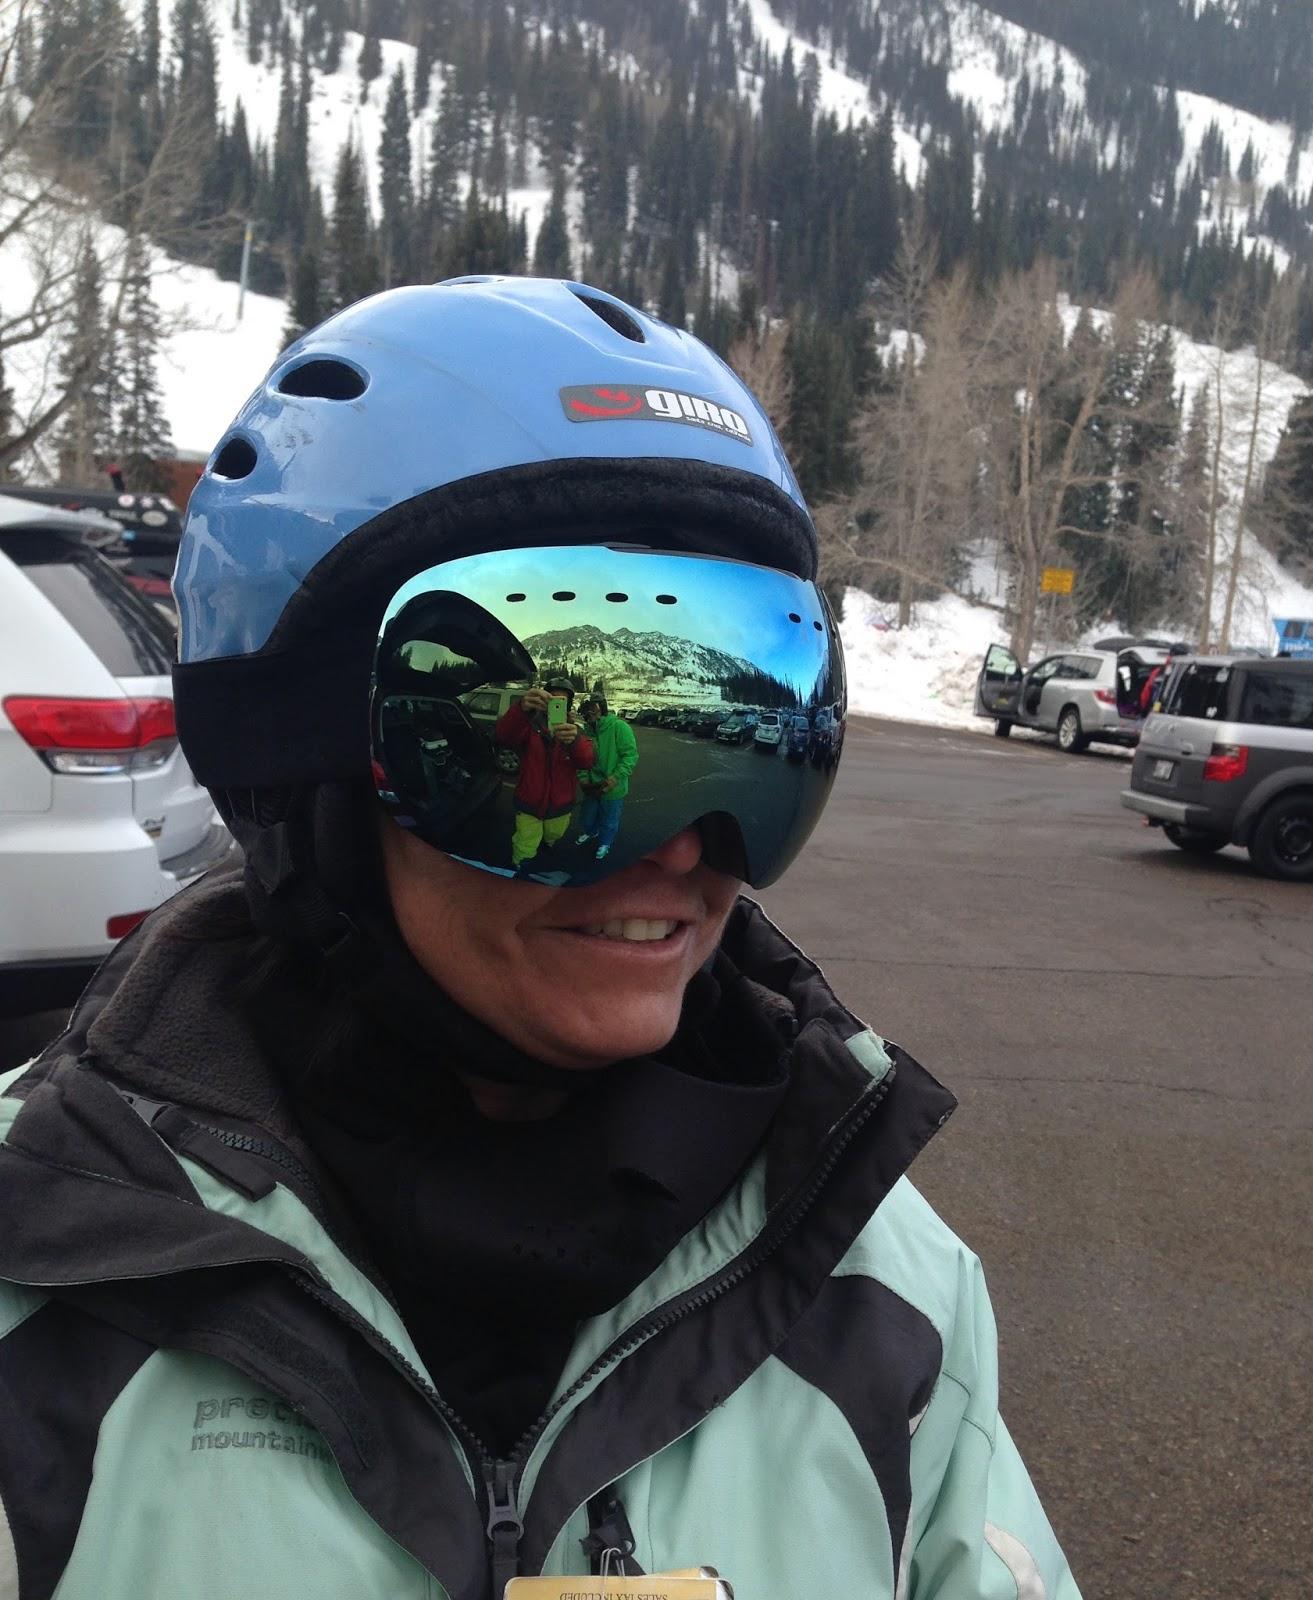 cozia design ski goggles review